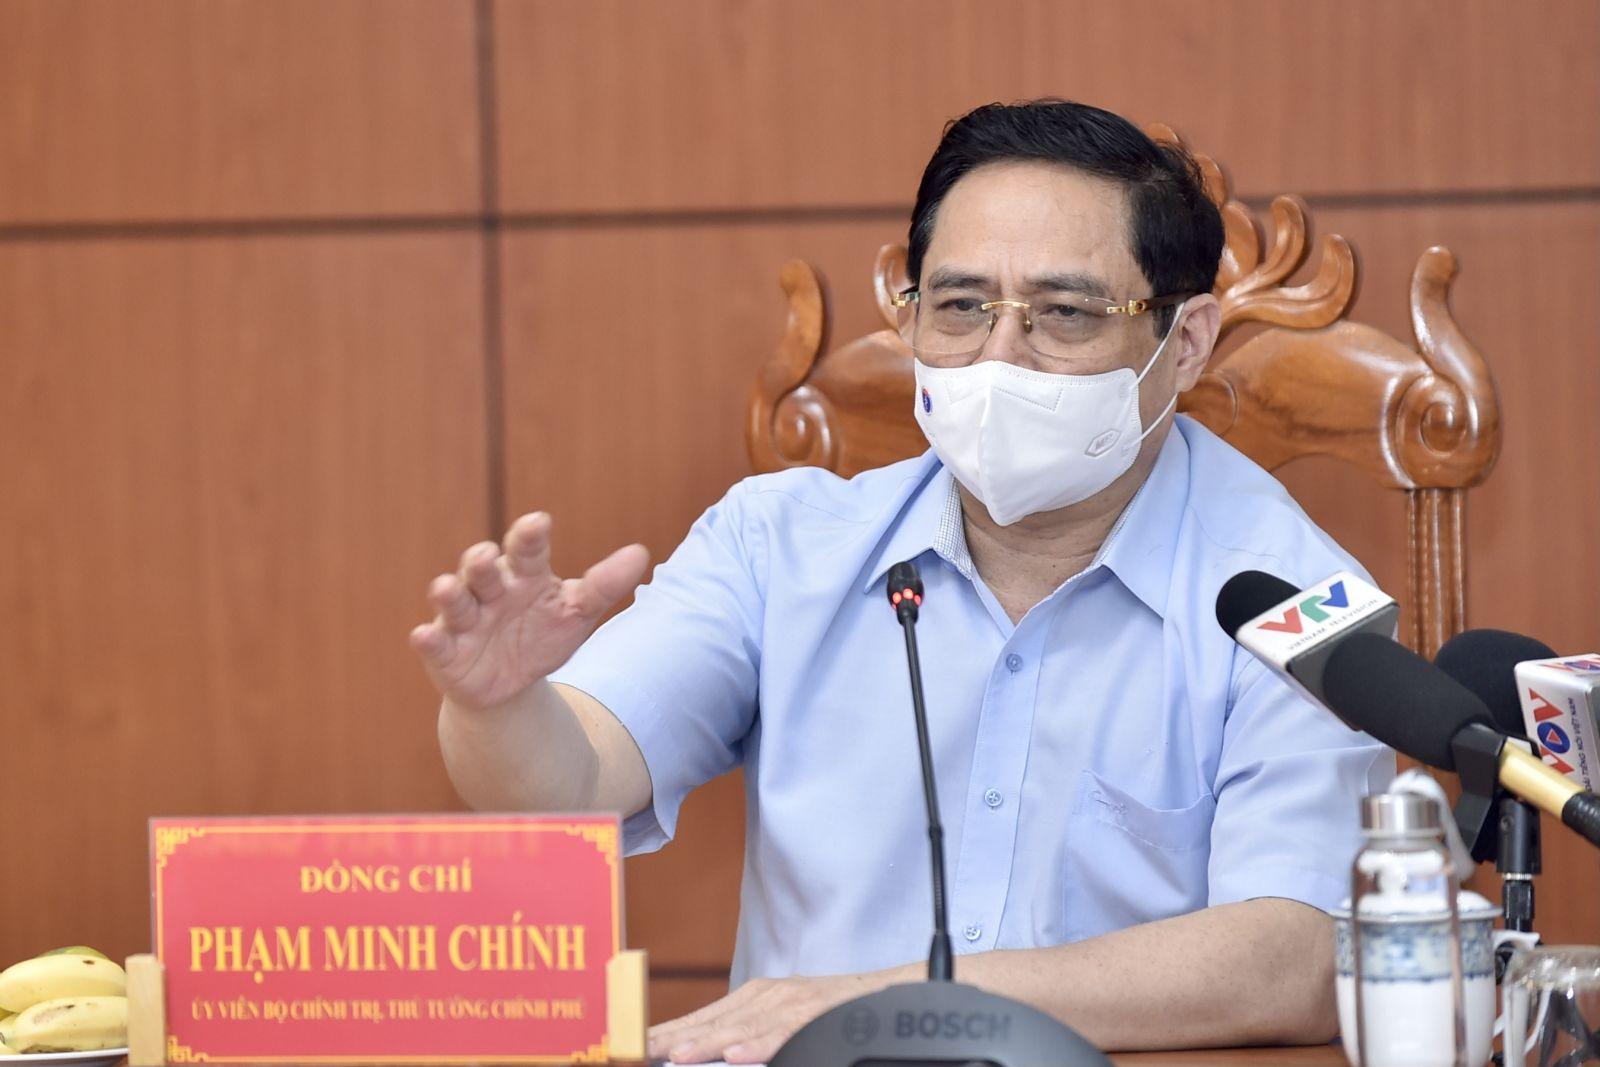 Thủ tướng Phạm Minh Chính: Nguy cơ dịch trên toàn quốc đã hiện hữu, phải triển khai các biện pháp cứng rắn hơn, mạnh mẽ hơn, tích cực hơn, bám sát tình hình thực tế hơn, để ngăn chặn dịch bệnh. Ảnh: VGP/Nhật Bắc